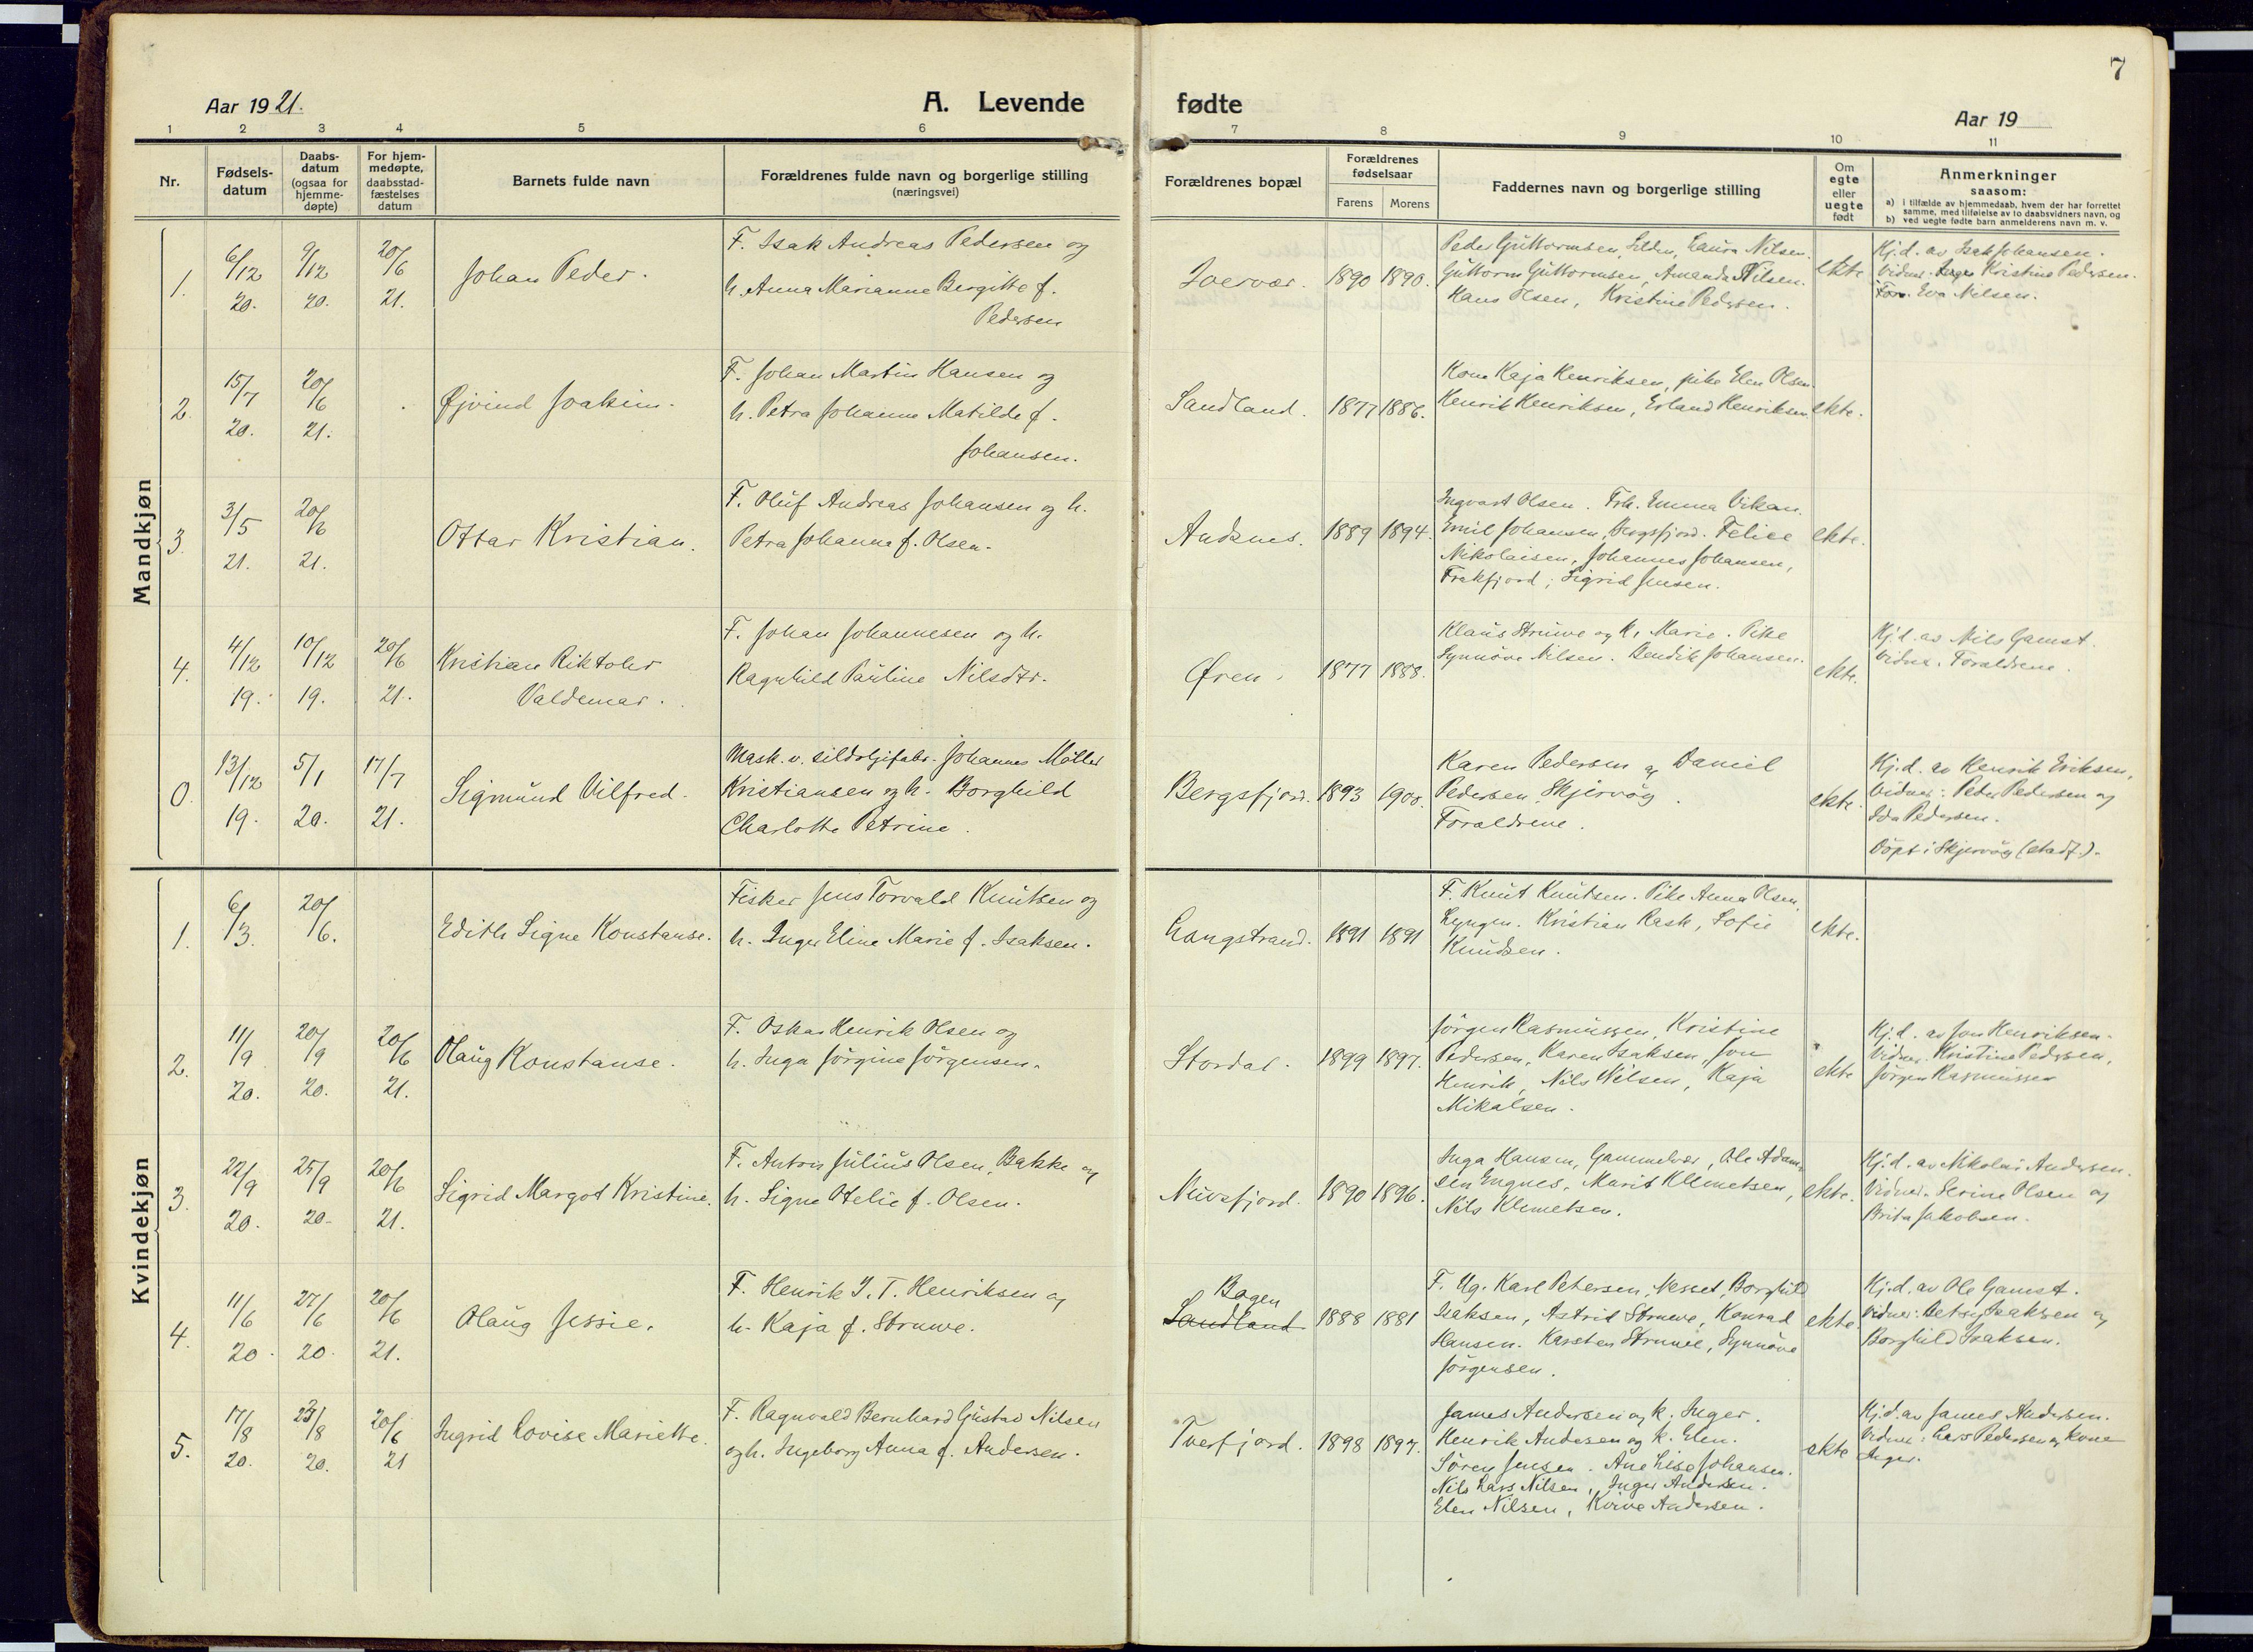 SATØ, Loppa sokneprestkontor, H/Ha/L0013kirke: Ministerialbok nr. 13, 1920-1932, s. 7